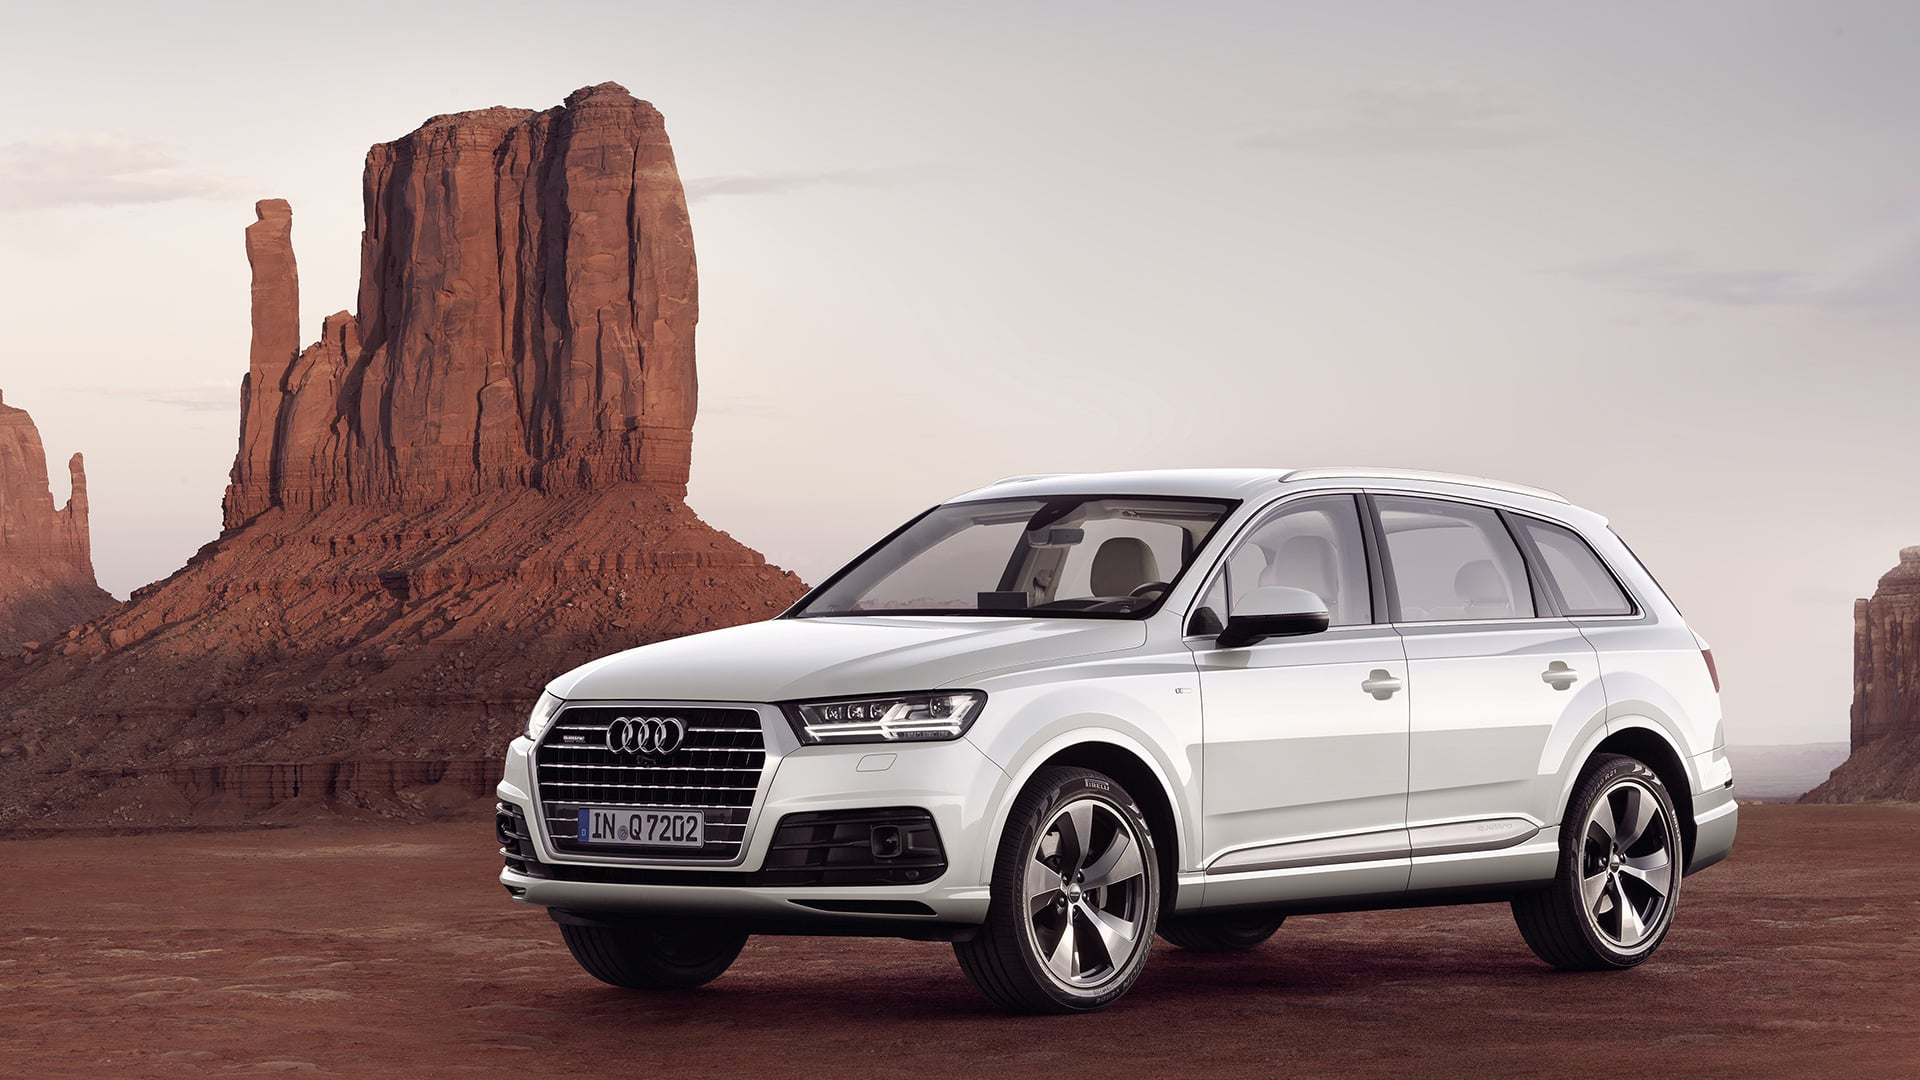 Audi Q7 в пустыне скачать